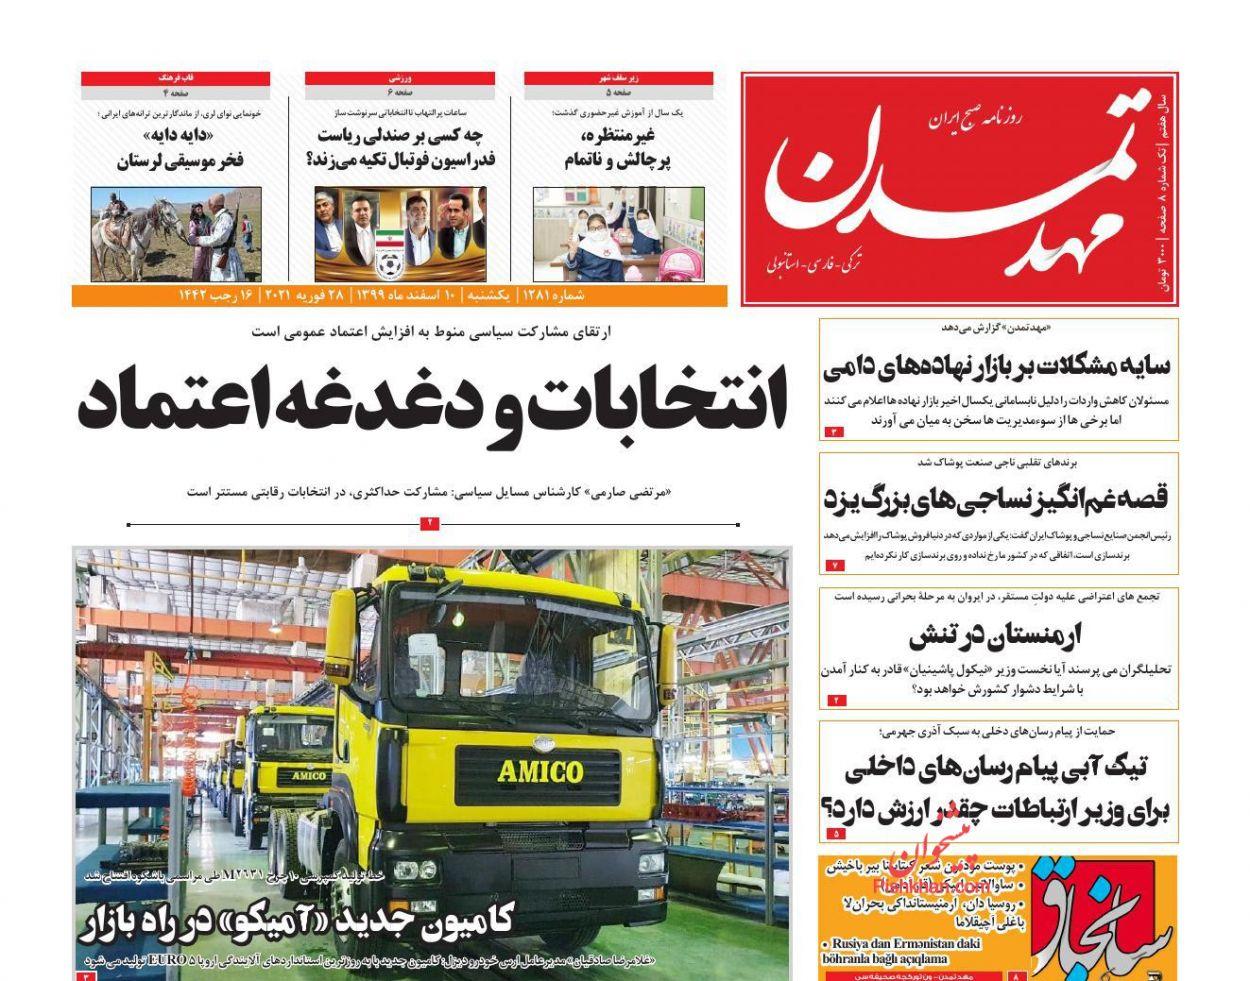 عناوین اخبار روزنامه مهد تمدن در روز یکشنبه ۱۰ اسفند